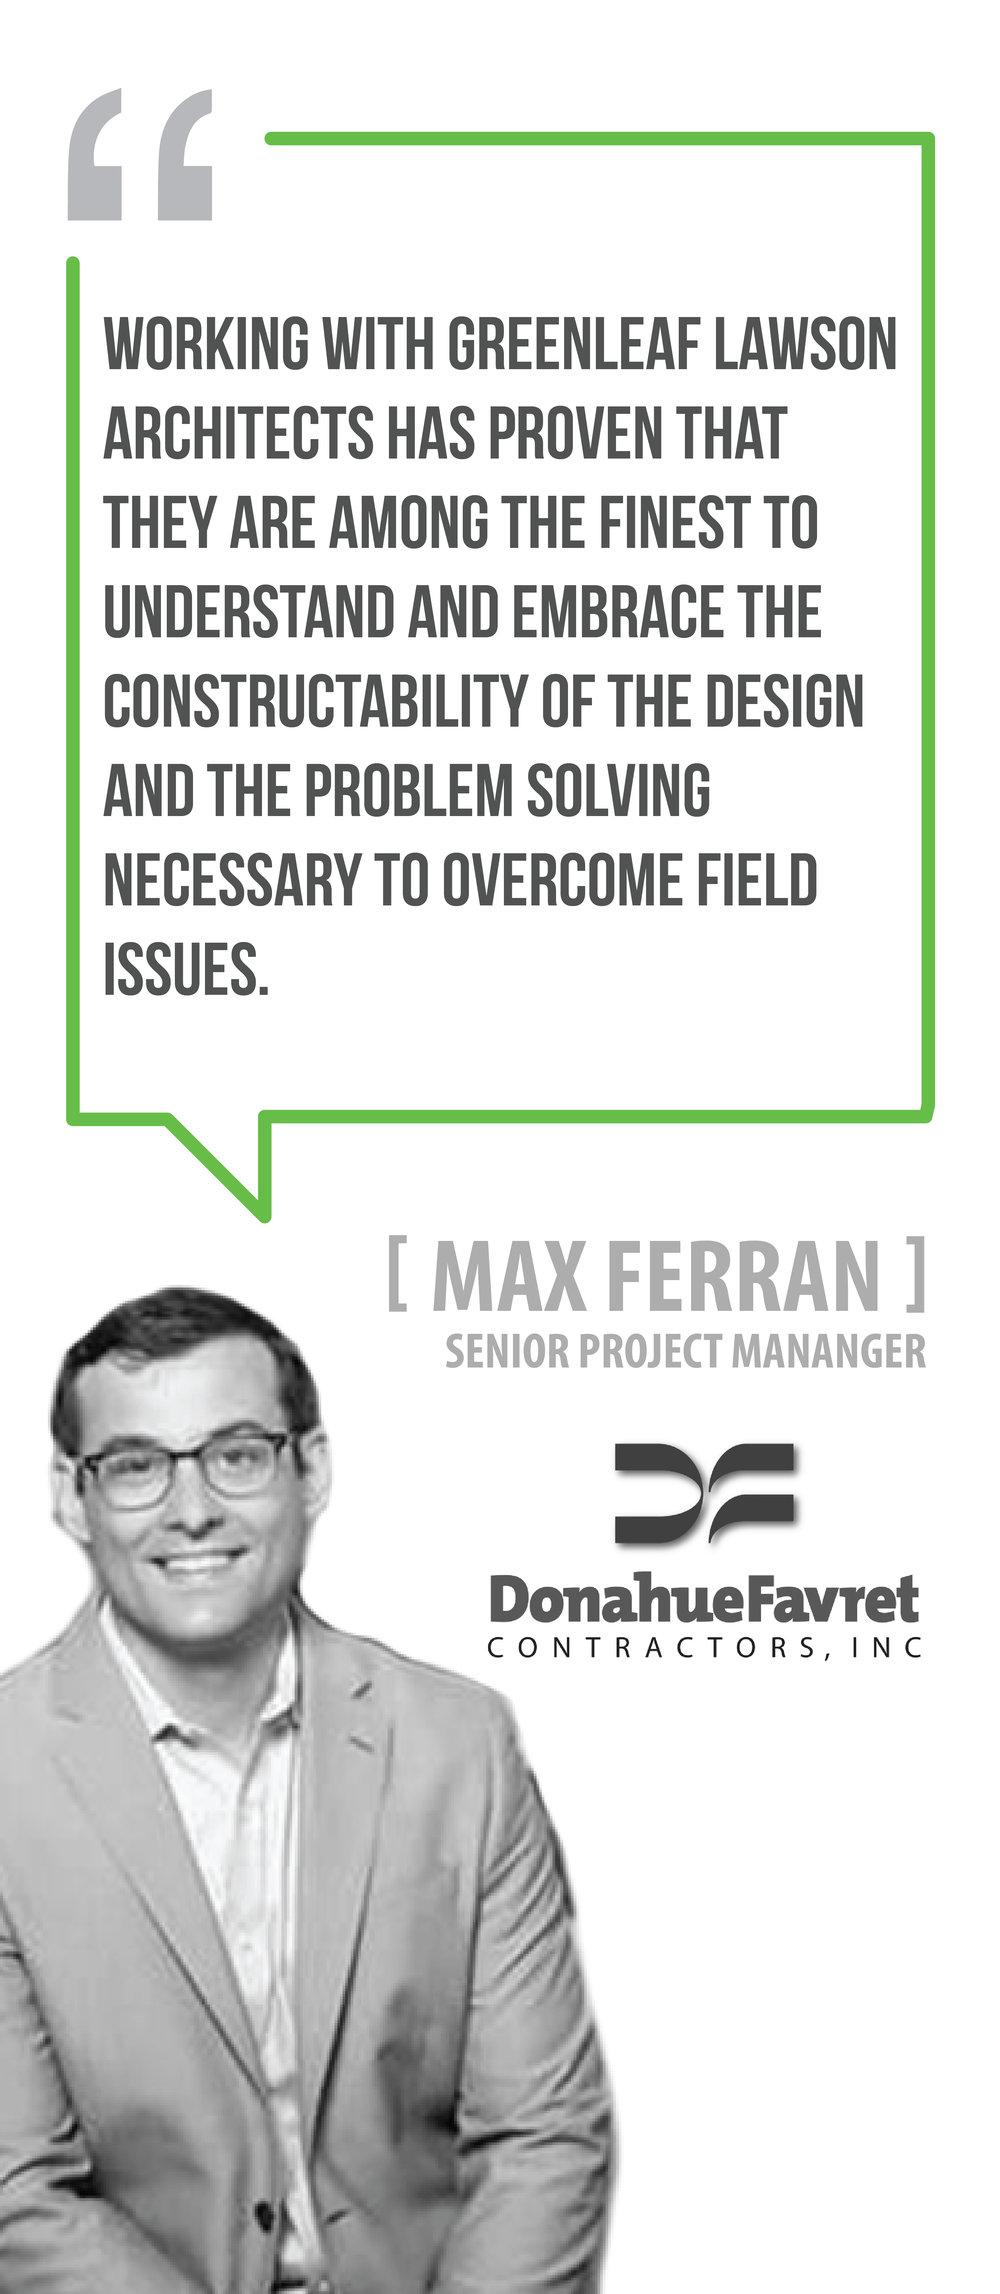 Greenleaf_Lawson_Architects-Testimonials-Vertical-01.jpg